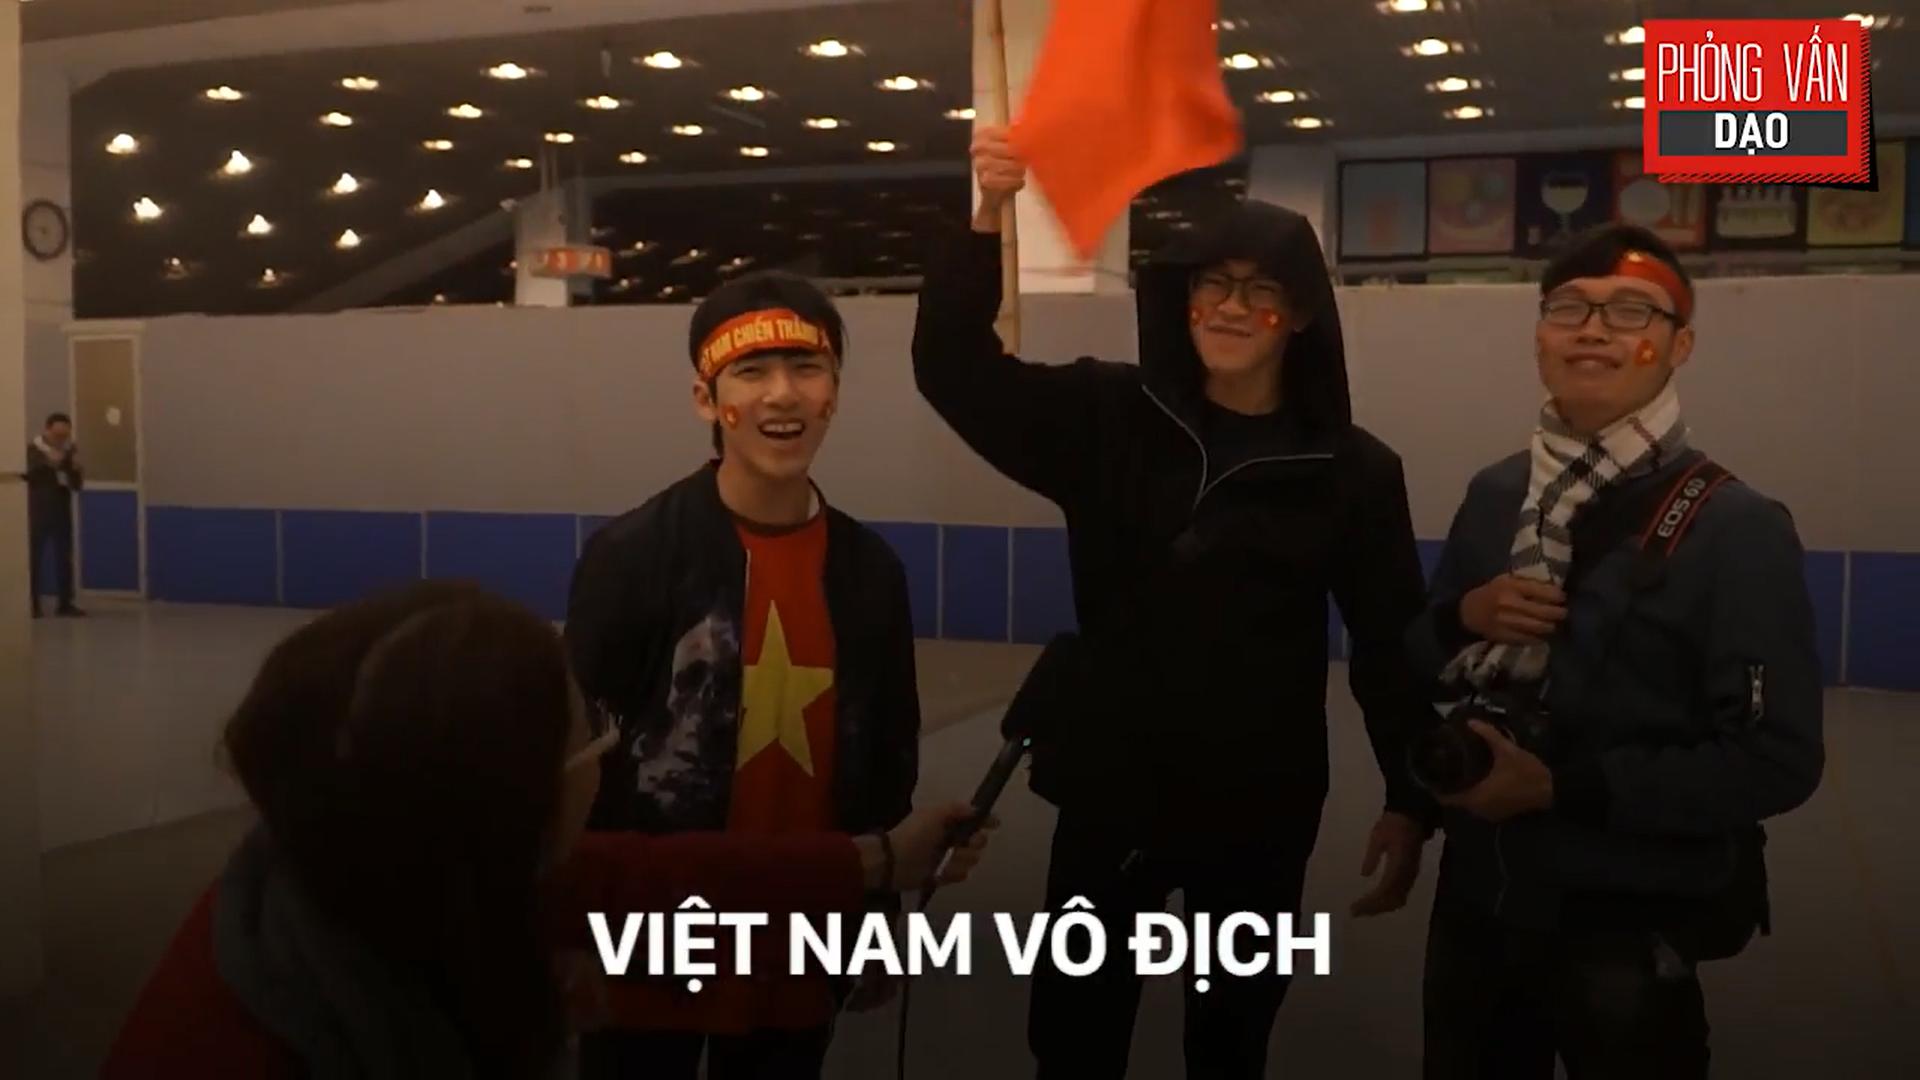 Phỏng vấn dạo: Cảm xúc của người hâm mộ khi đón U23 Việt Nam trở về trong vòng tay - Ảnh 24.